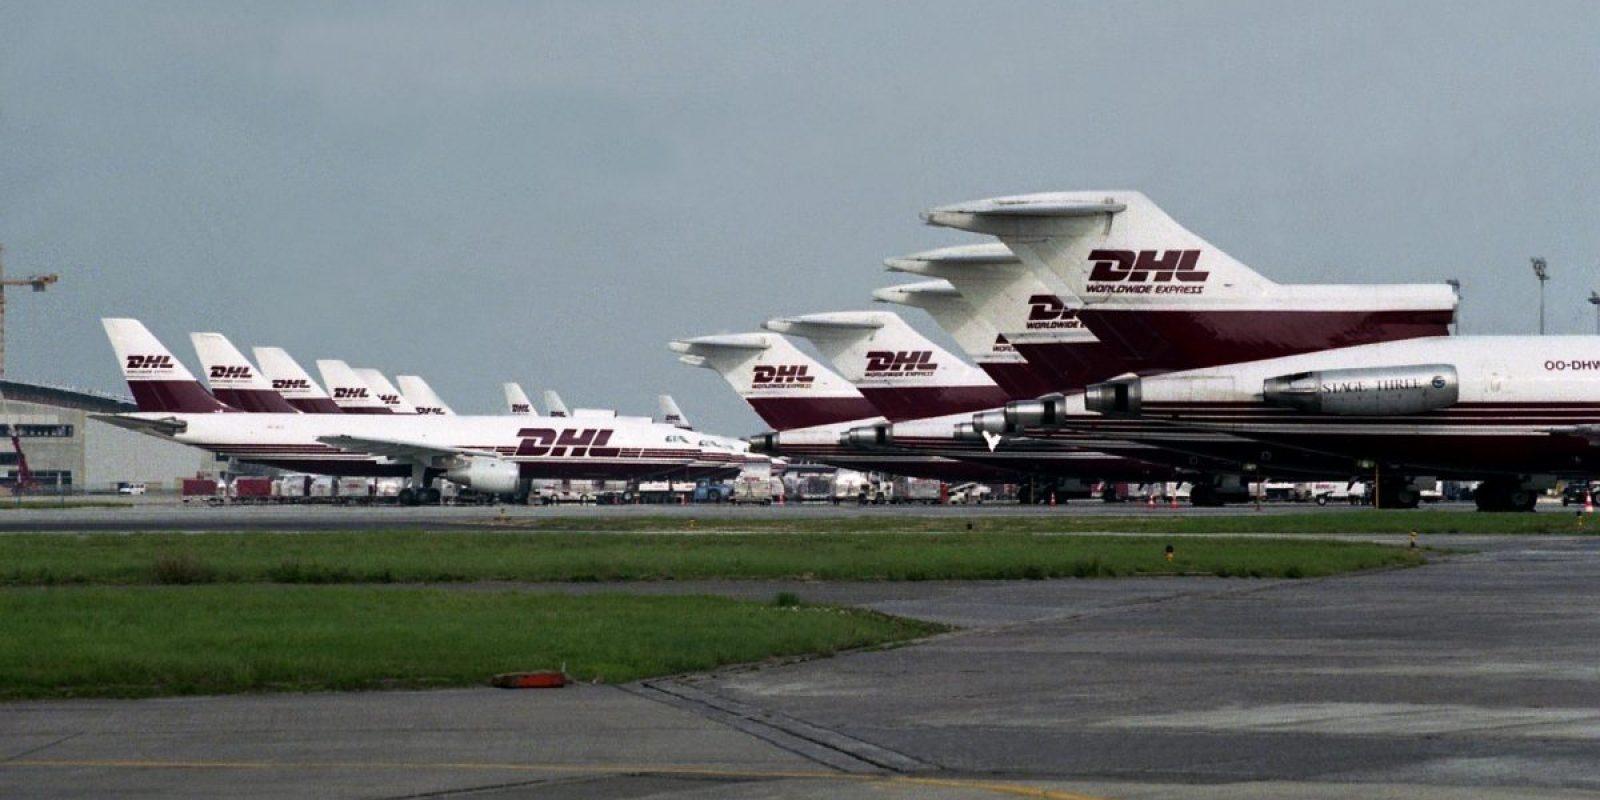 Un alignement impressionnant de Boeing 727 et d'Airbus A300B2 d'EAT-DHL sur le tarmac de DHL à Bruxelles en 2000.